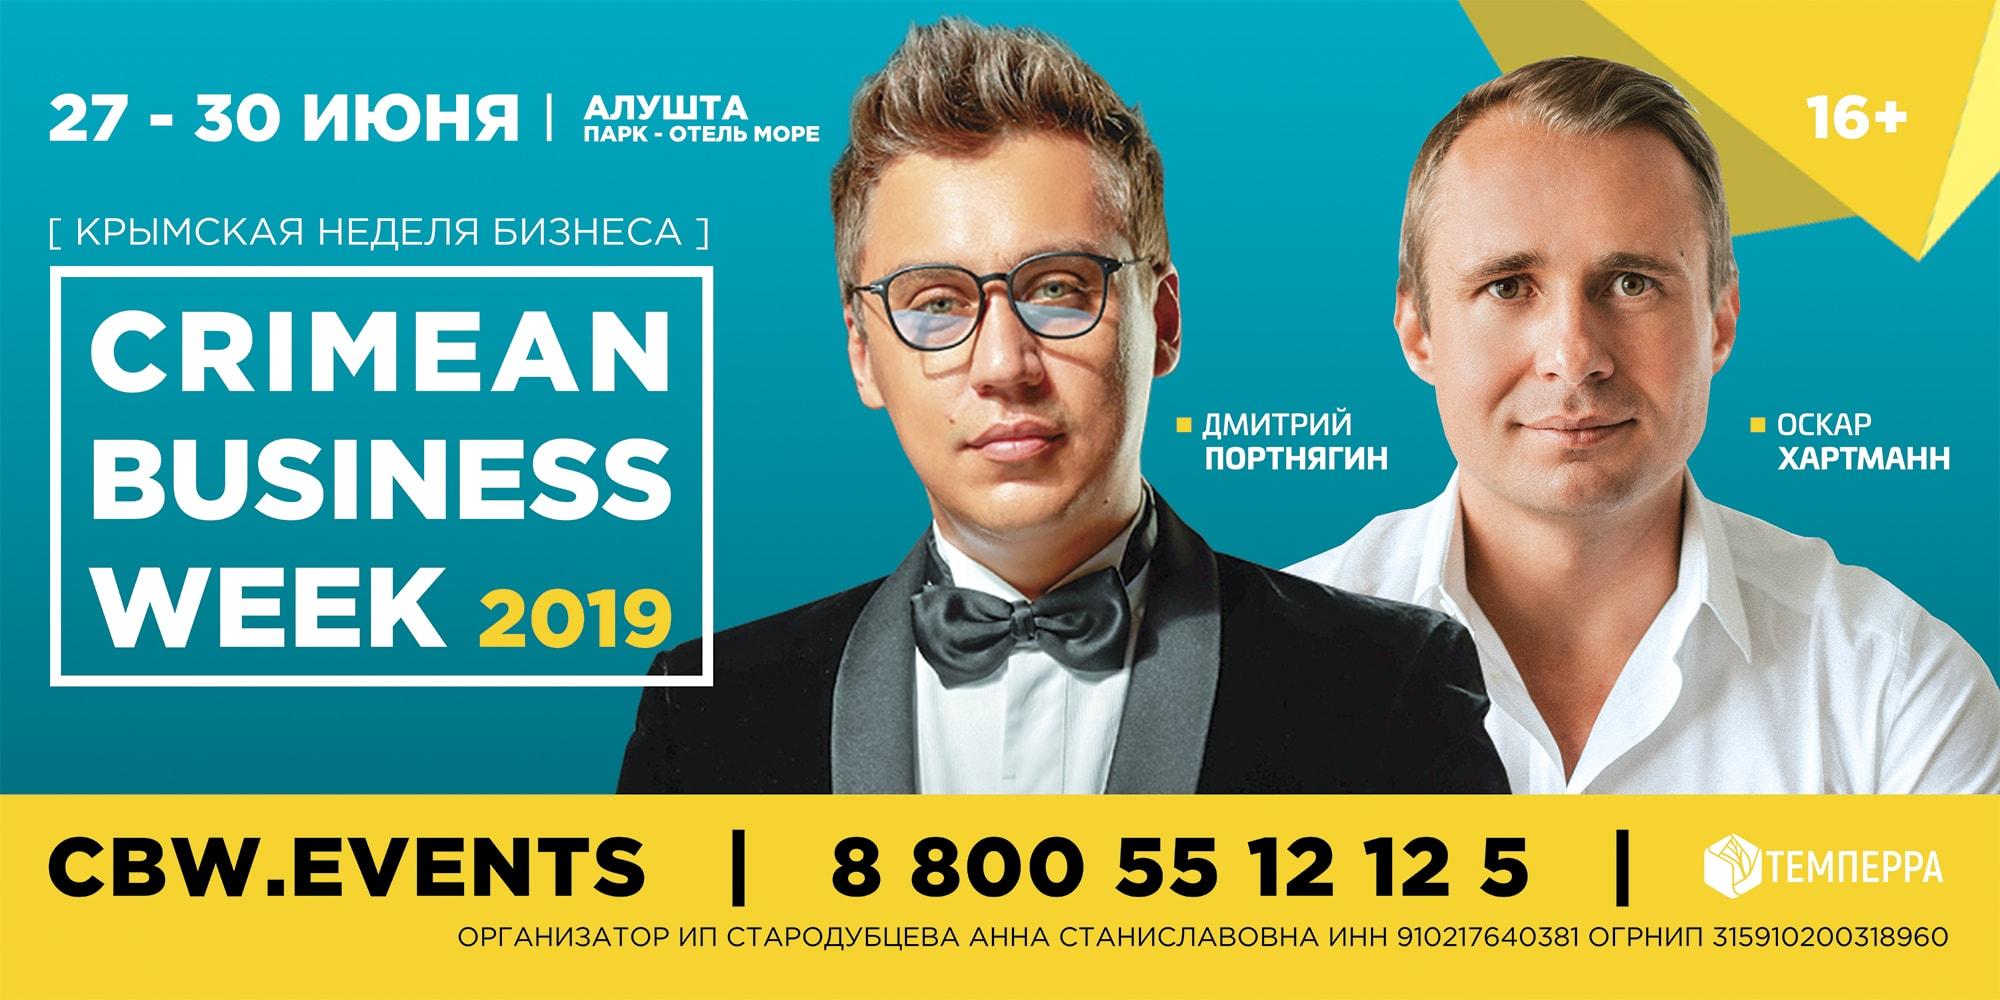 CrimeanBusinessWeek2019